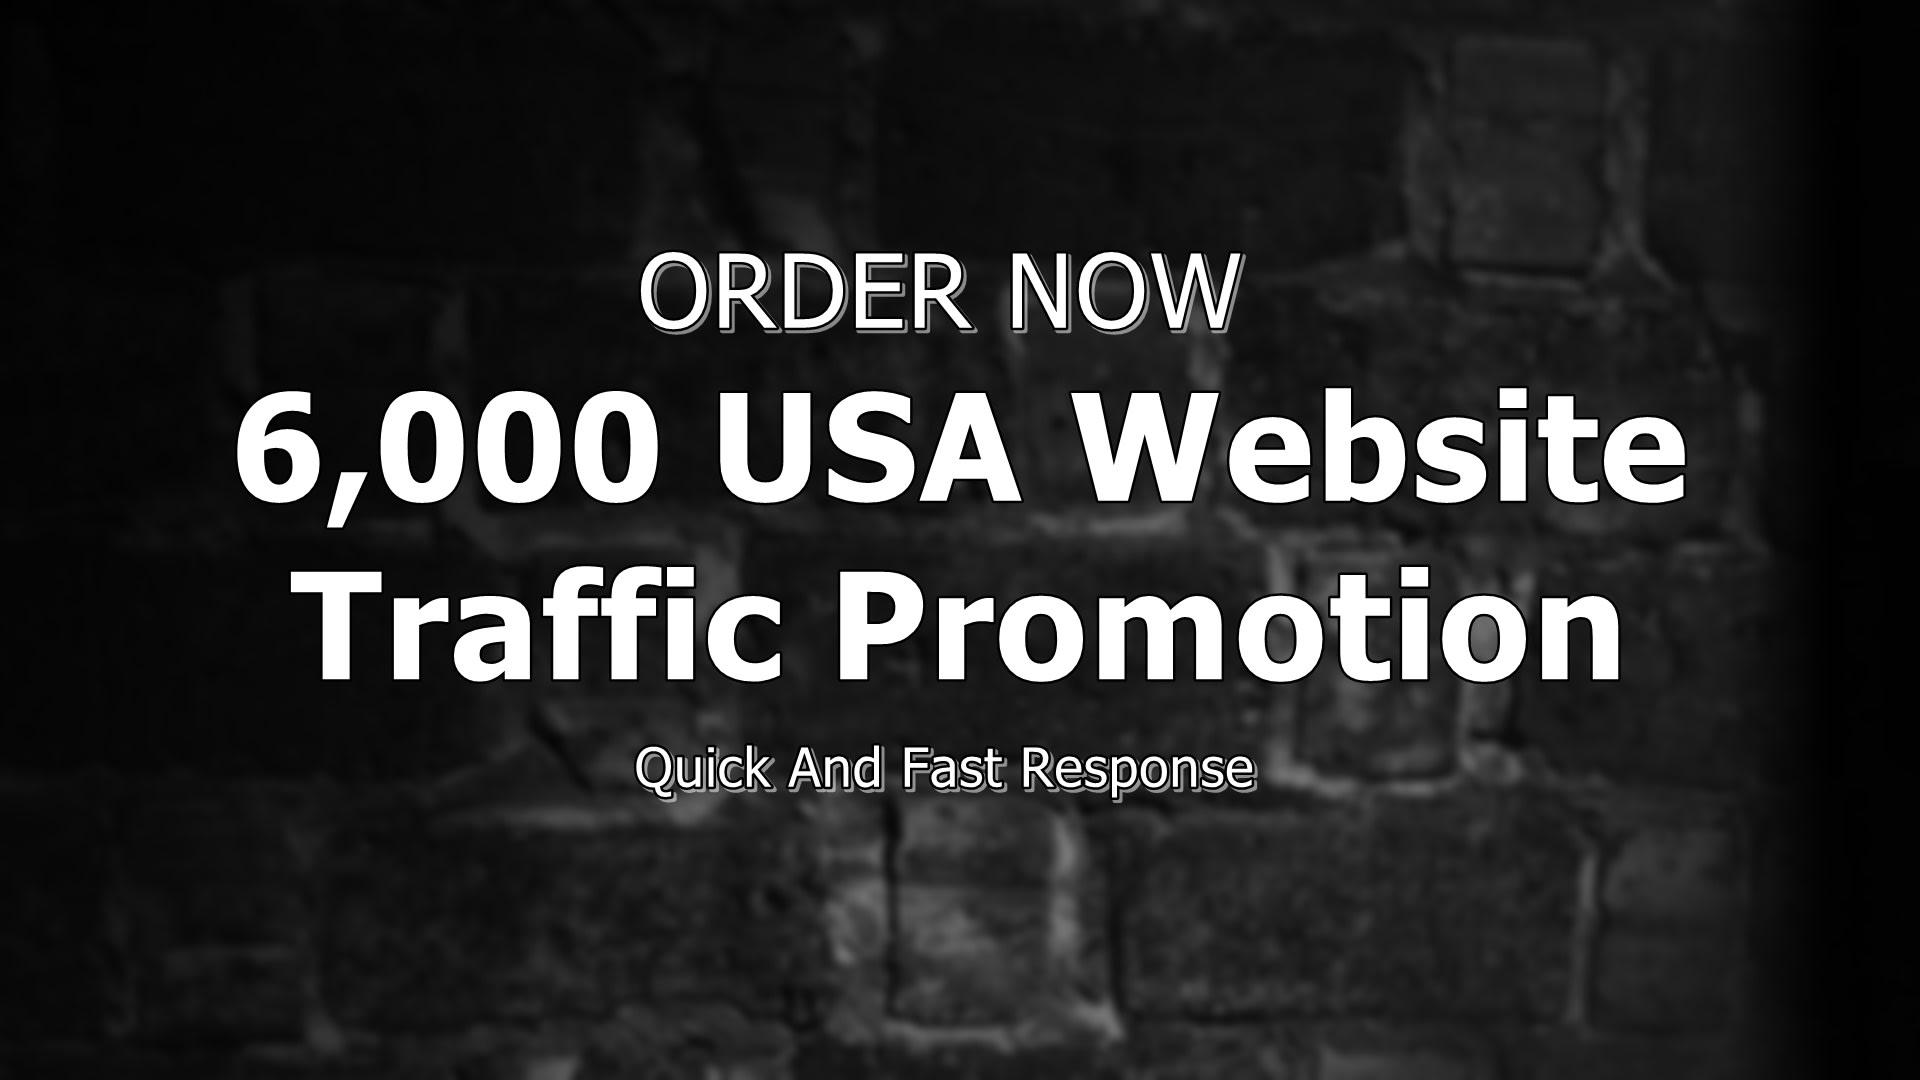 deliver 6,000 USA website traffic promotion